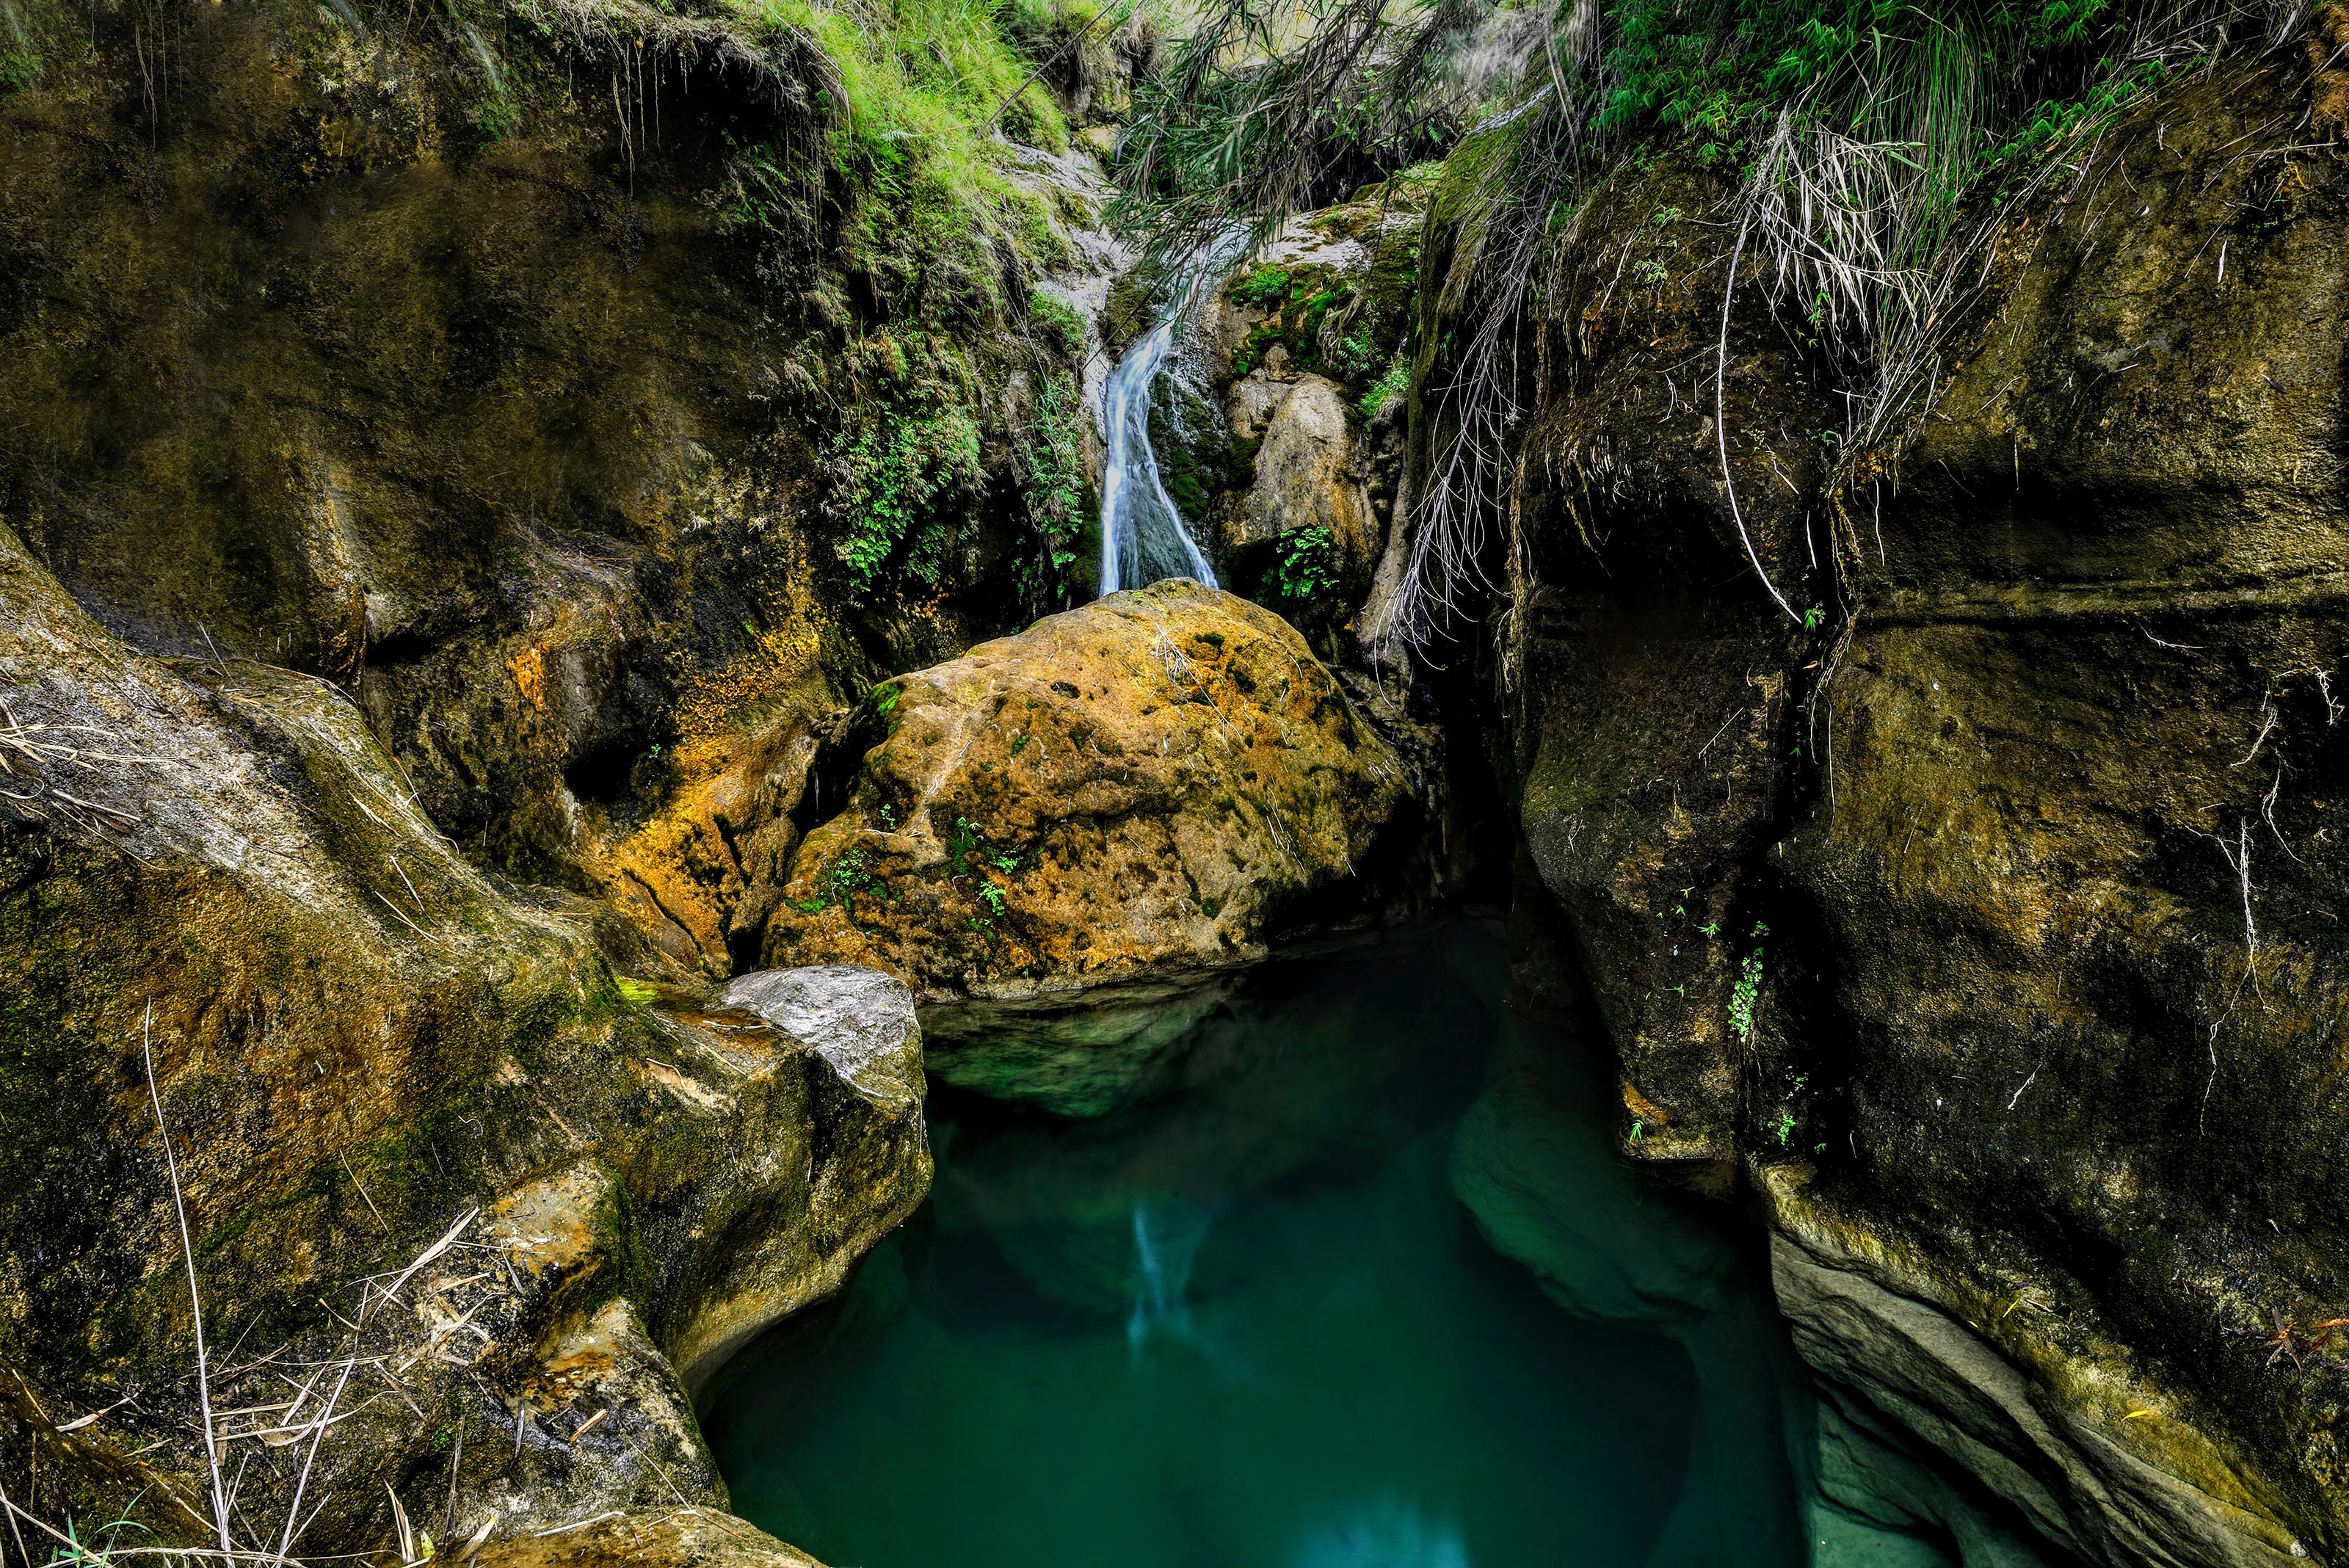 File:Kanhati waterfall, located in Khushab district of Punjab